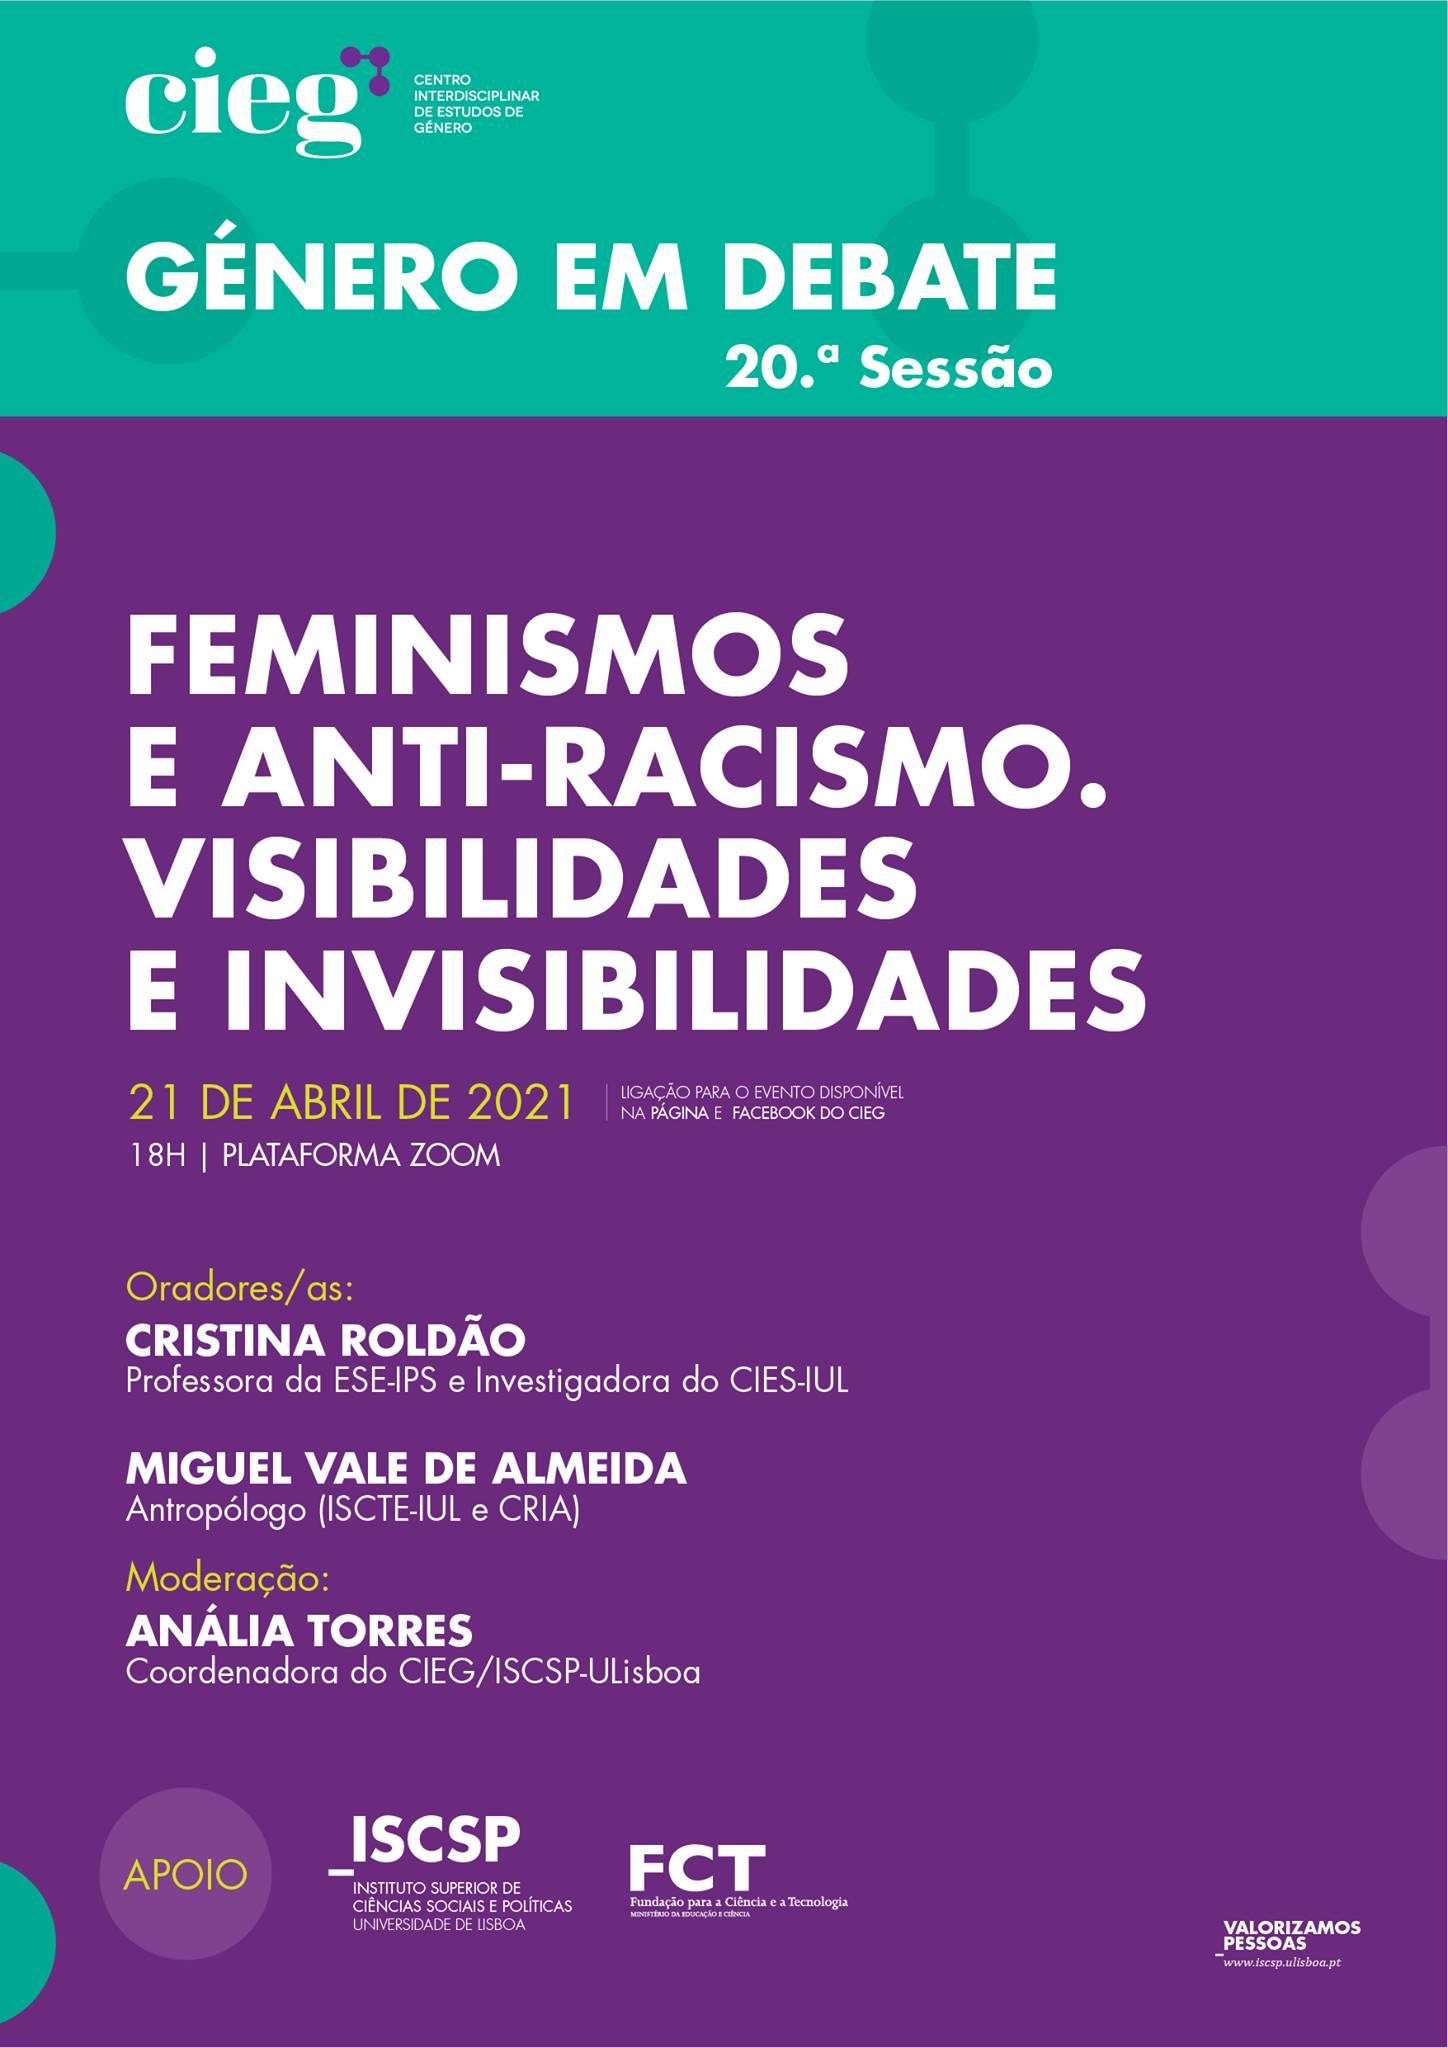 Feminismos e anti-racismo. Visibilidades e invisibilidades